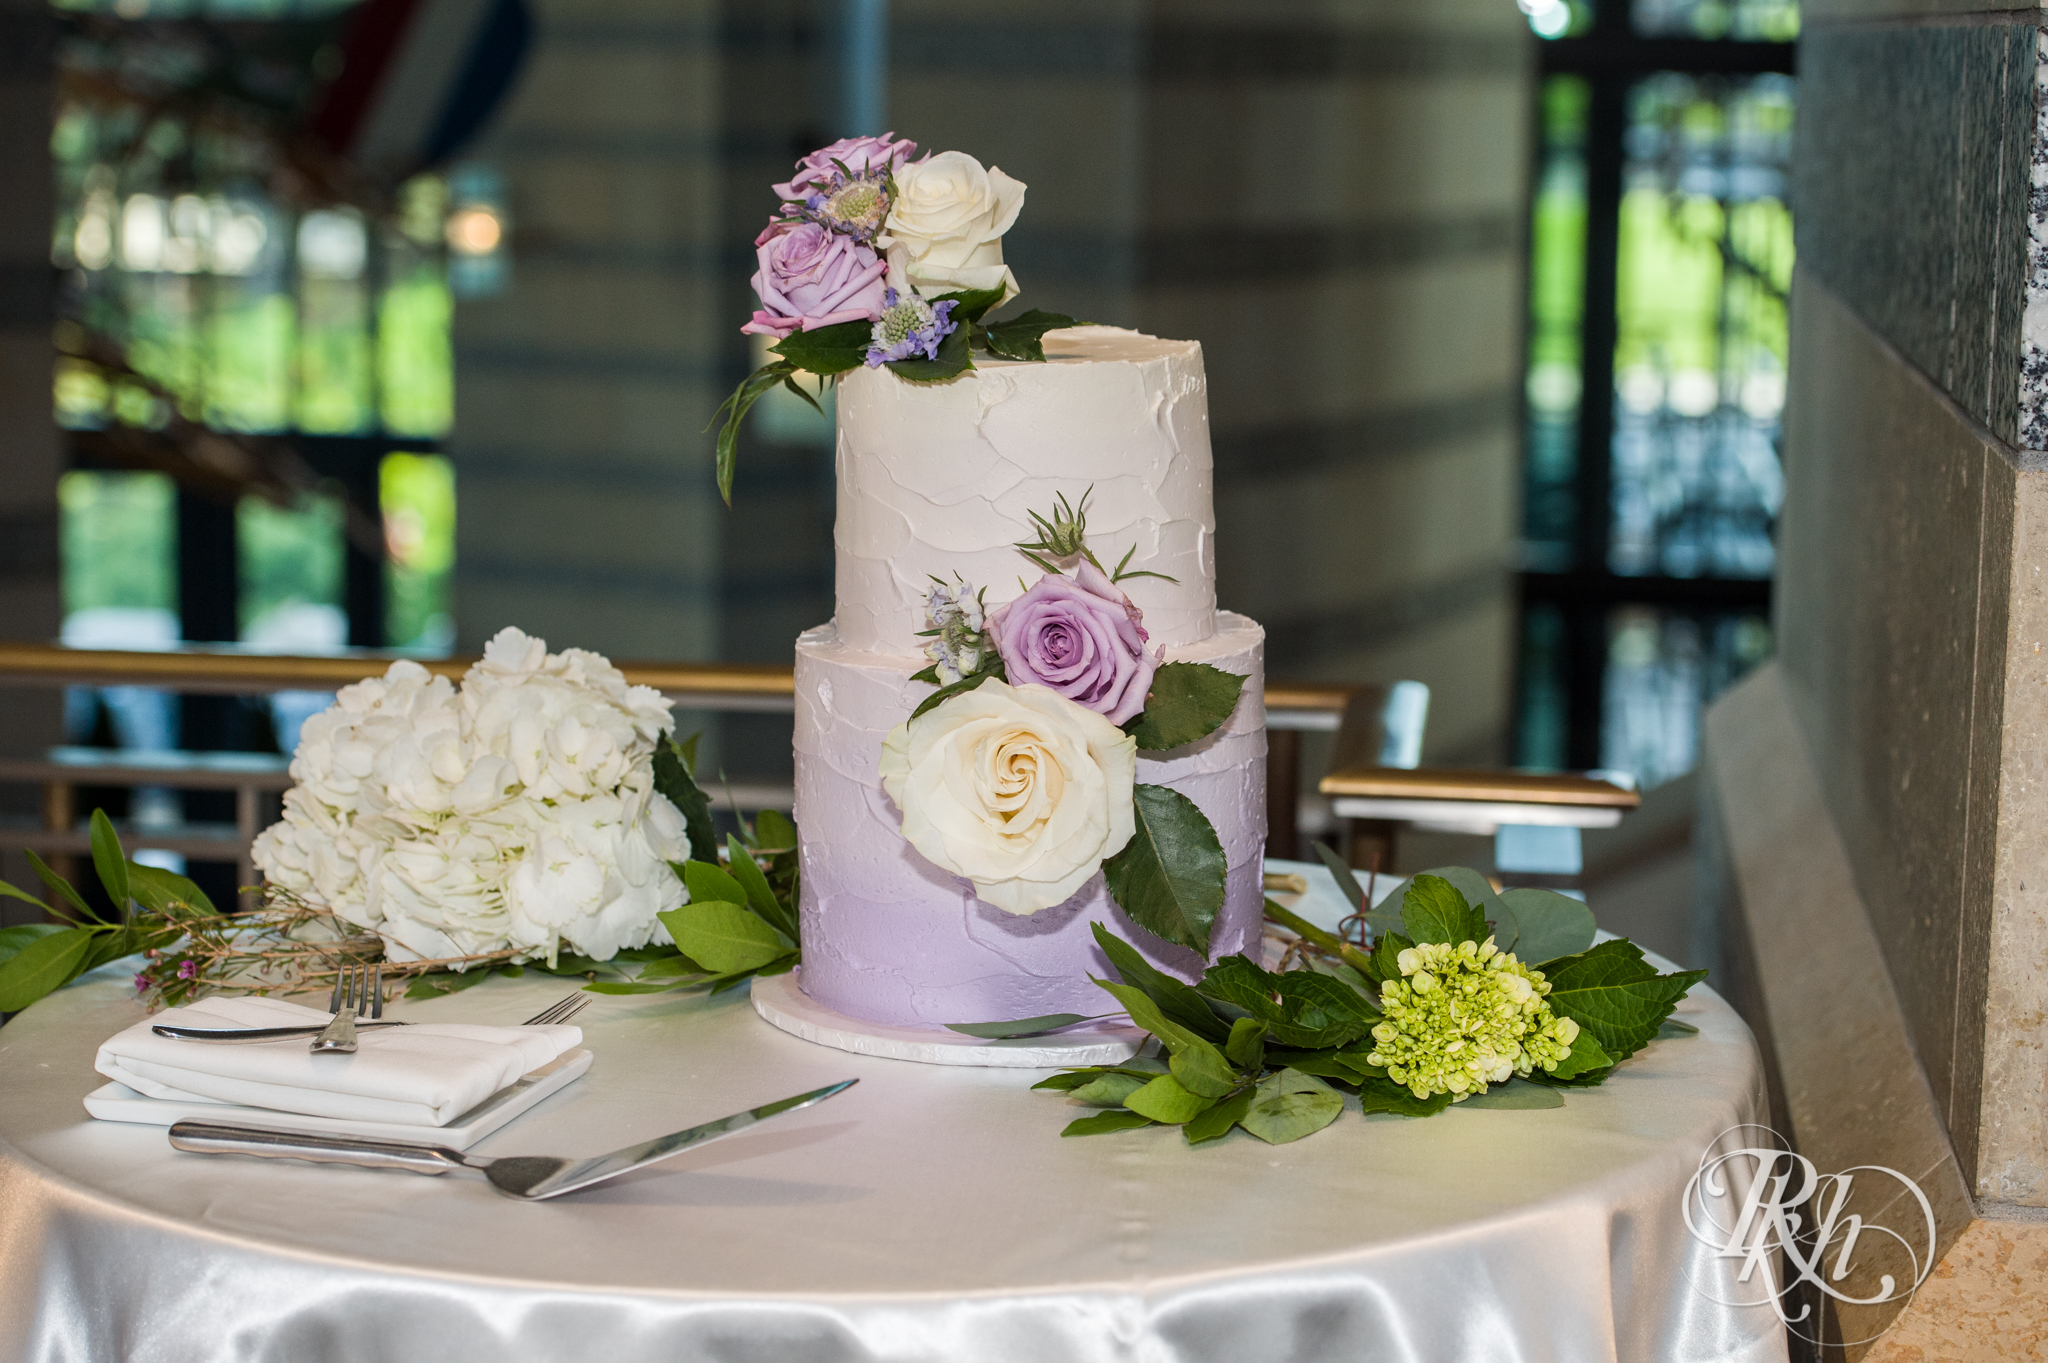 Laura and Adekunle - Minnesota Wedding Photographer - Minnesota History Center - RKH Images - Blog (6 of 75).jpg